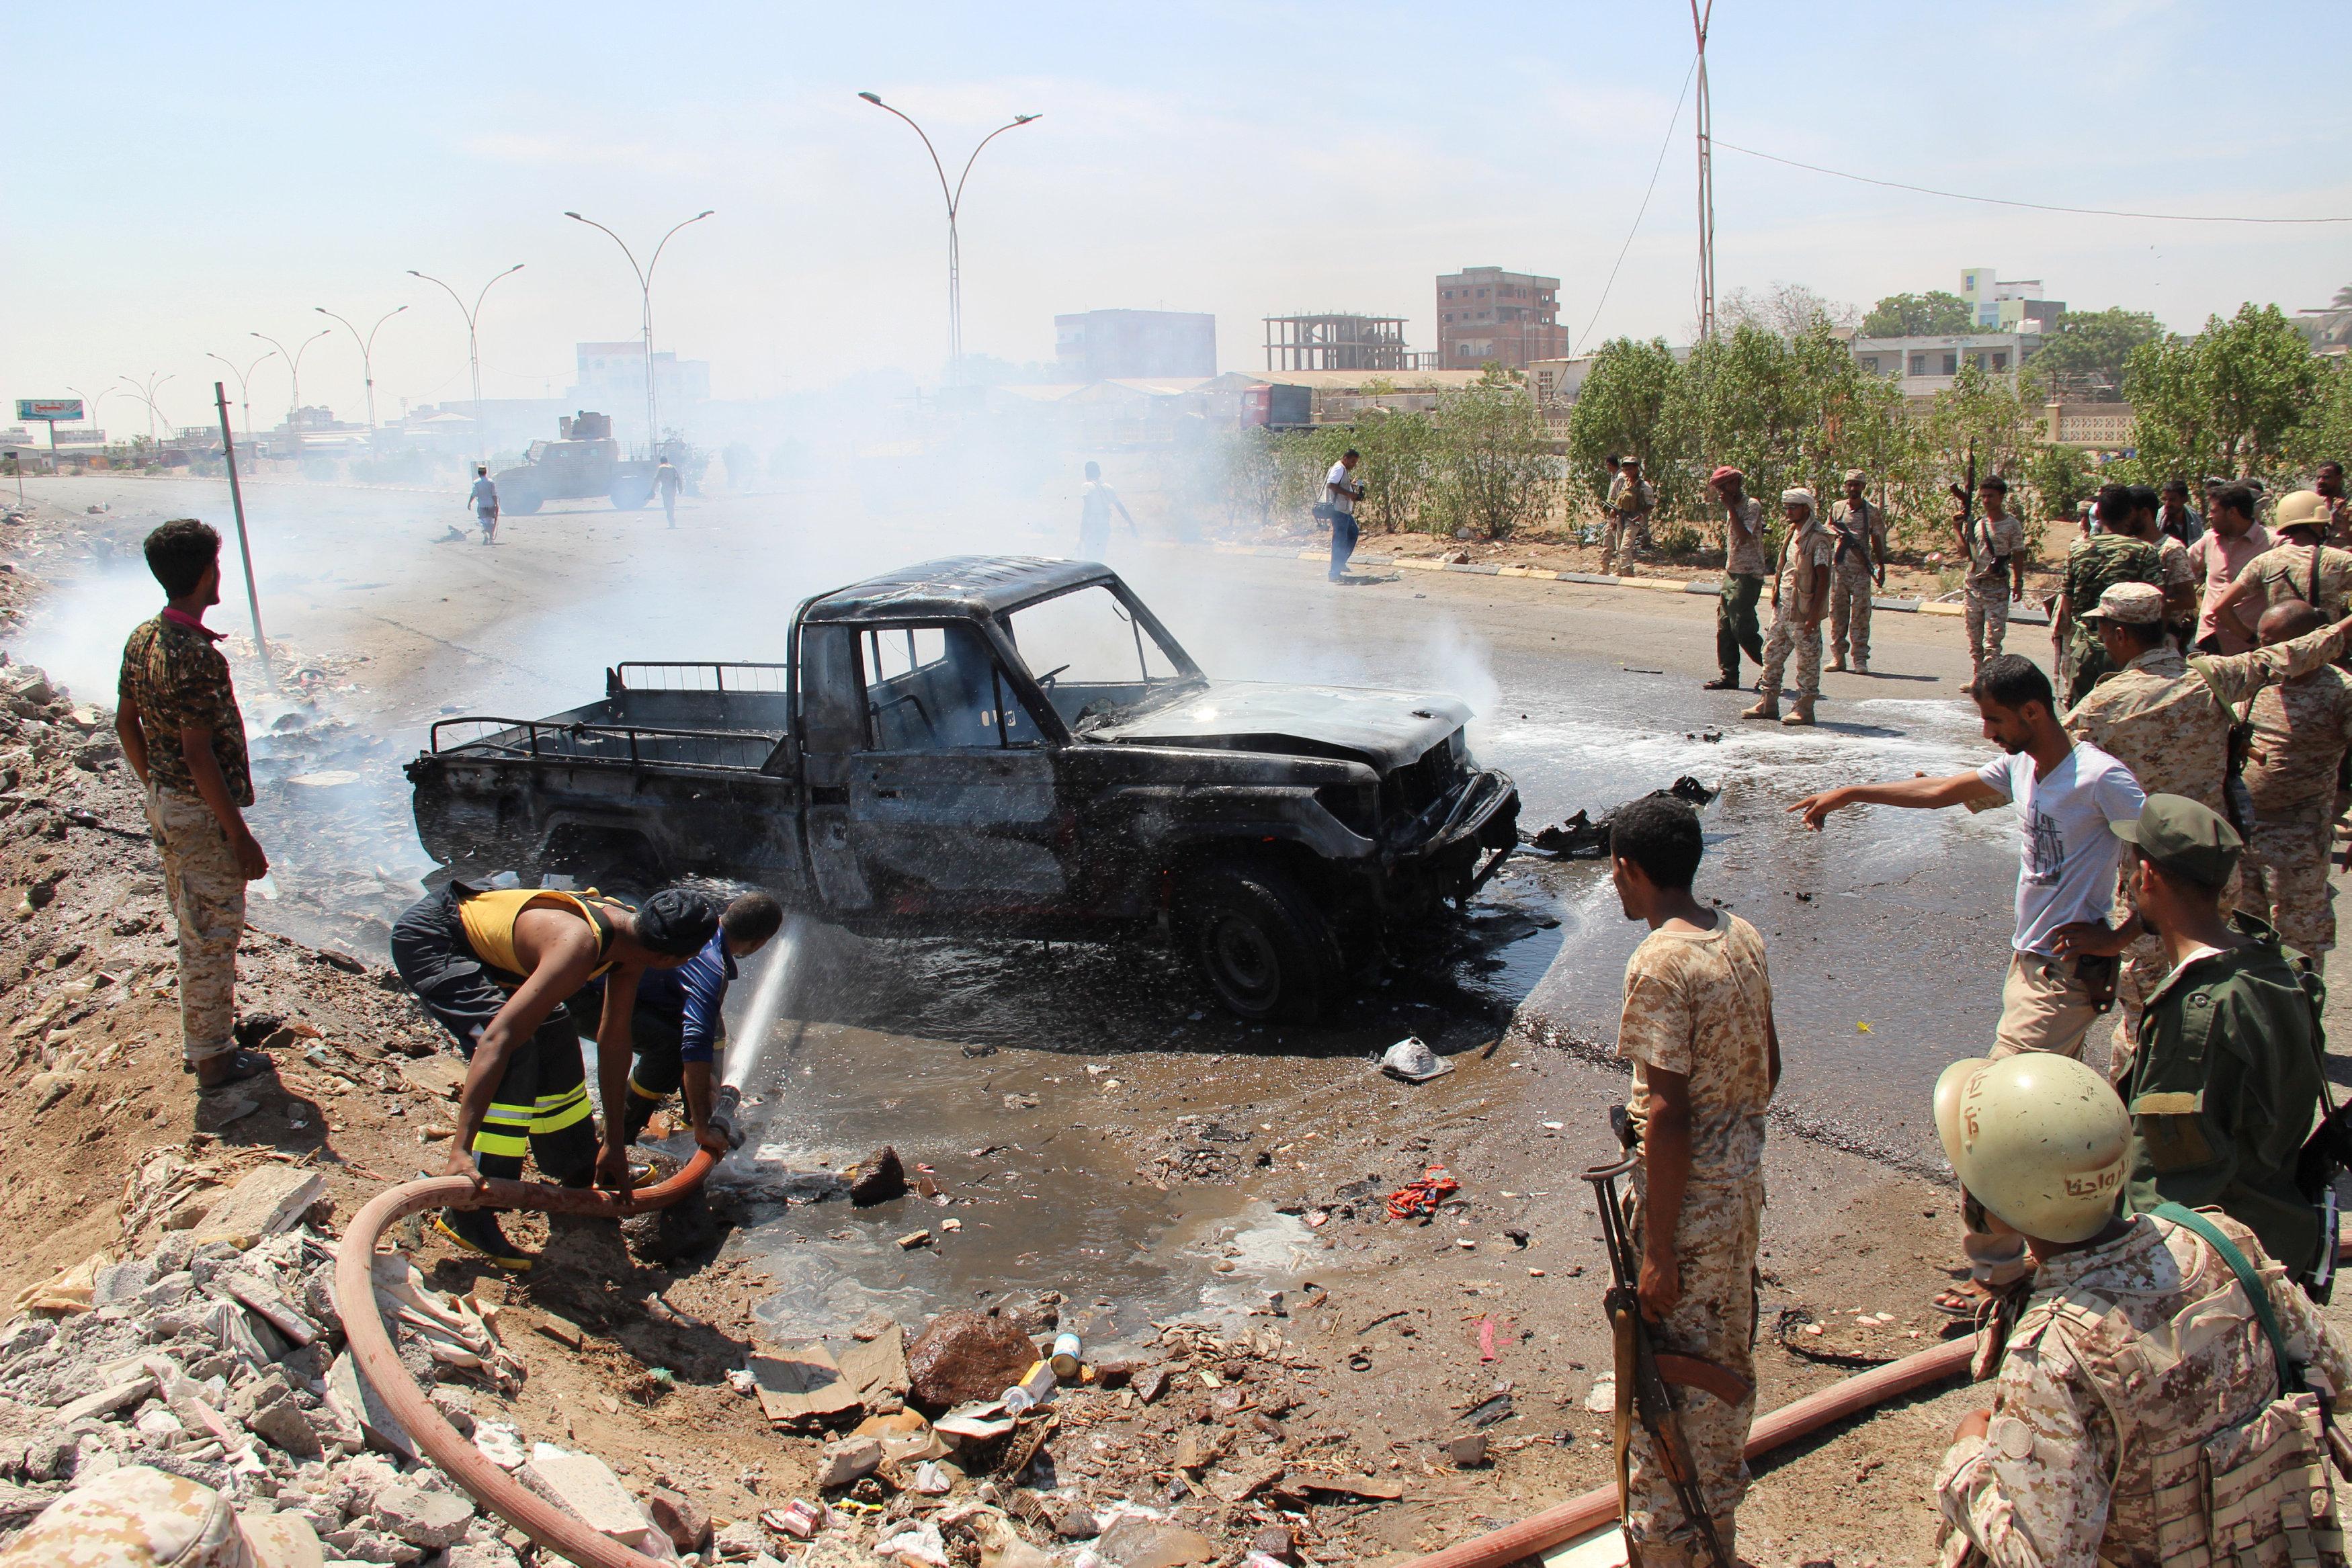 Un carro bomba explotó cerca de una instalación militar en la ciudad Mukalla de Yemen dejando 7 fallecidos y 10 heridos